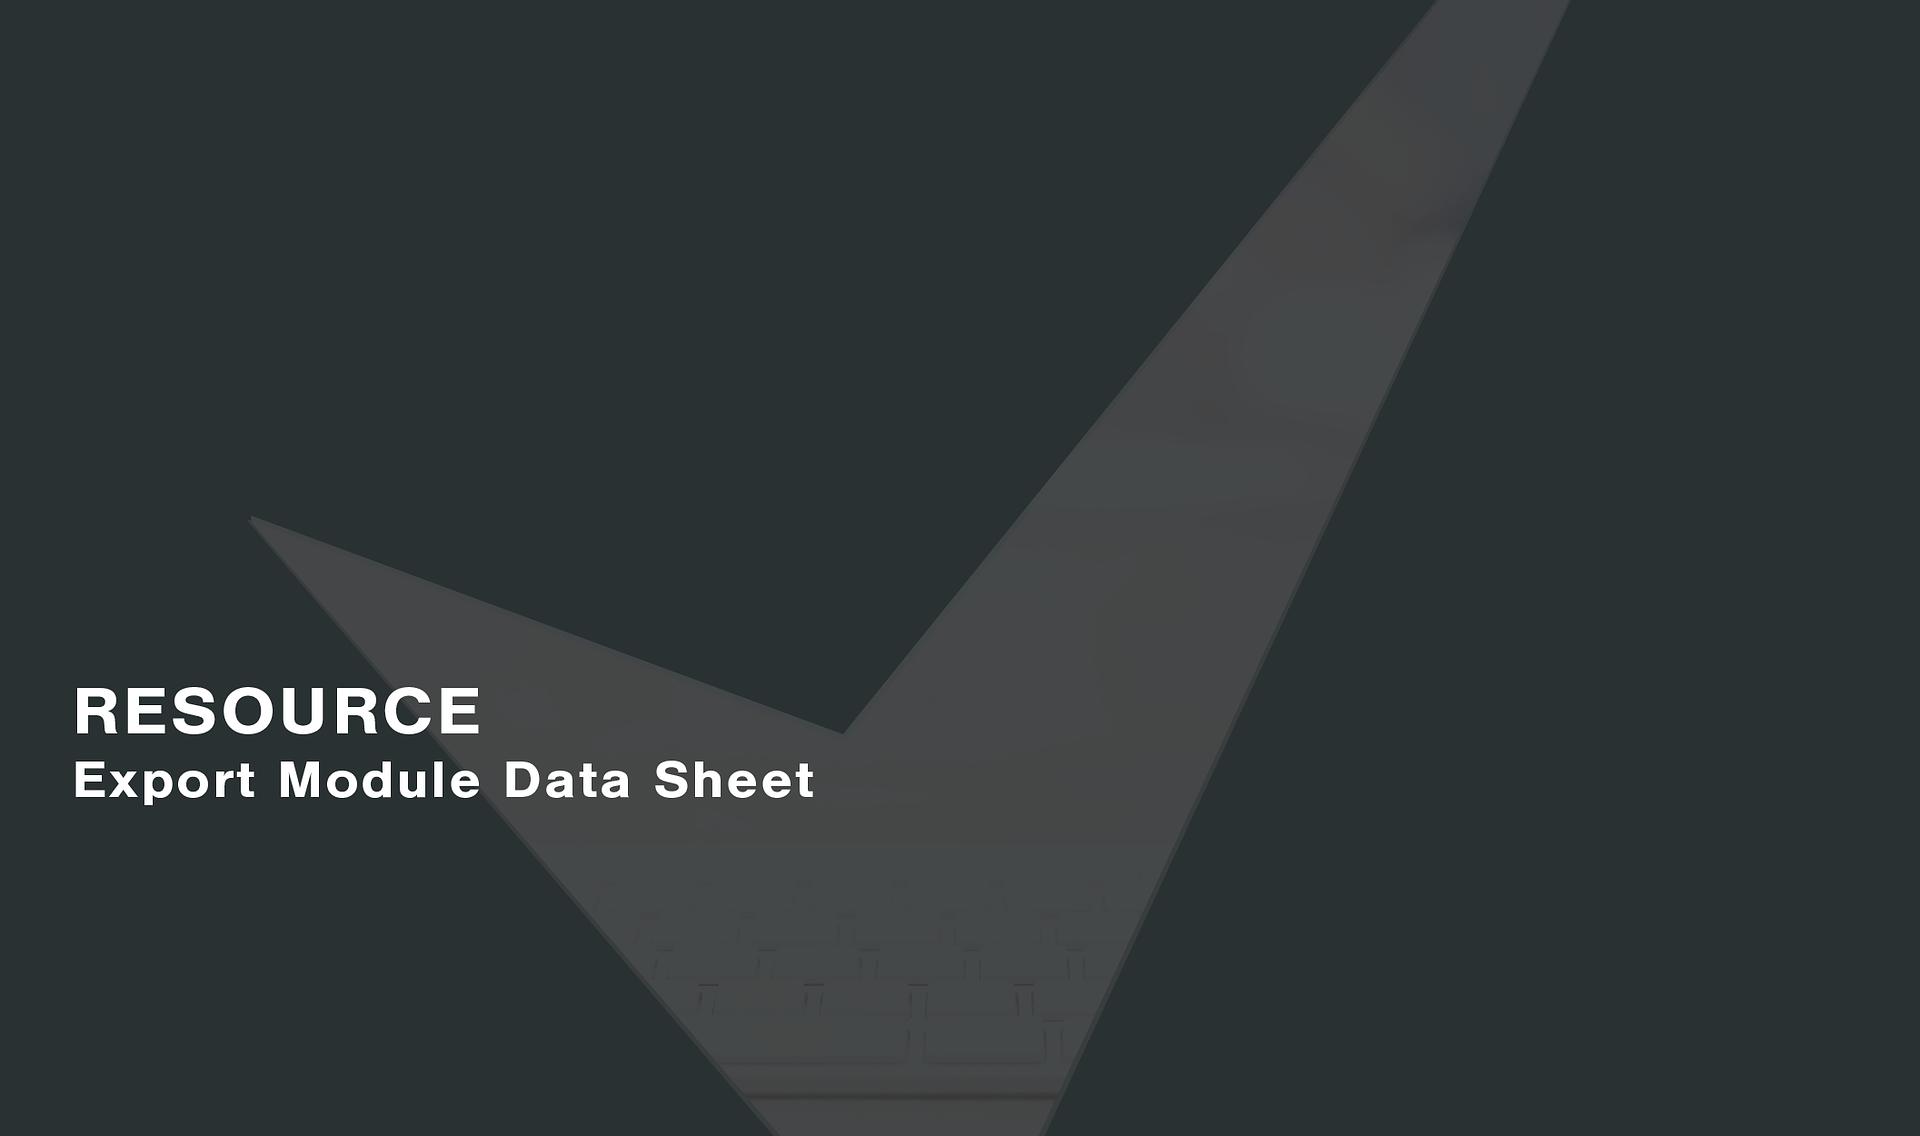 Export-Module-Data-Sheet